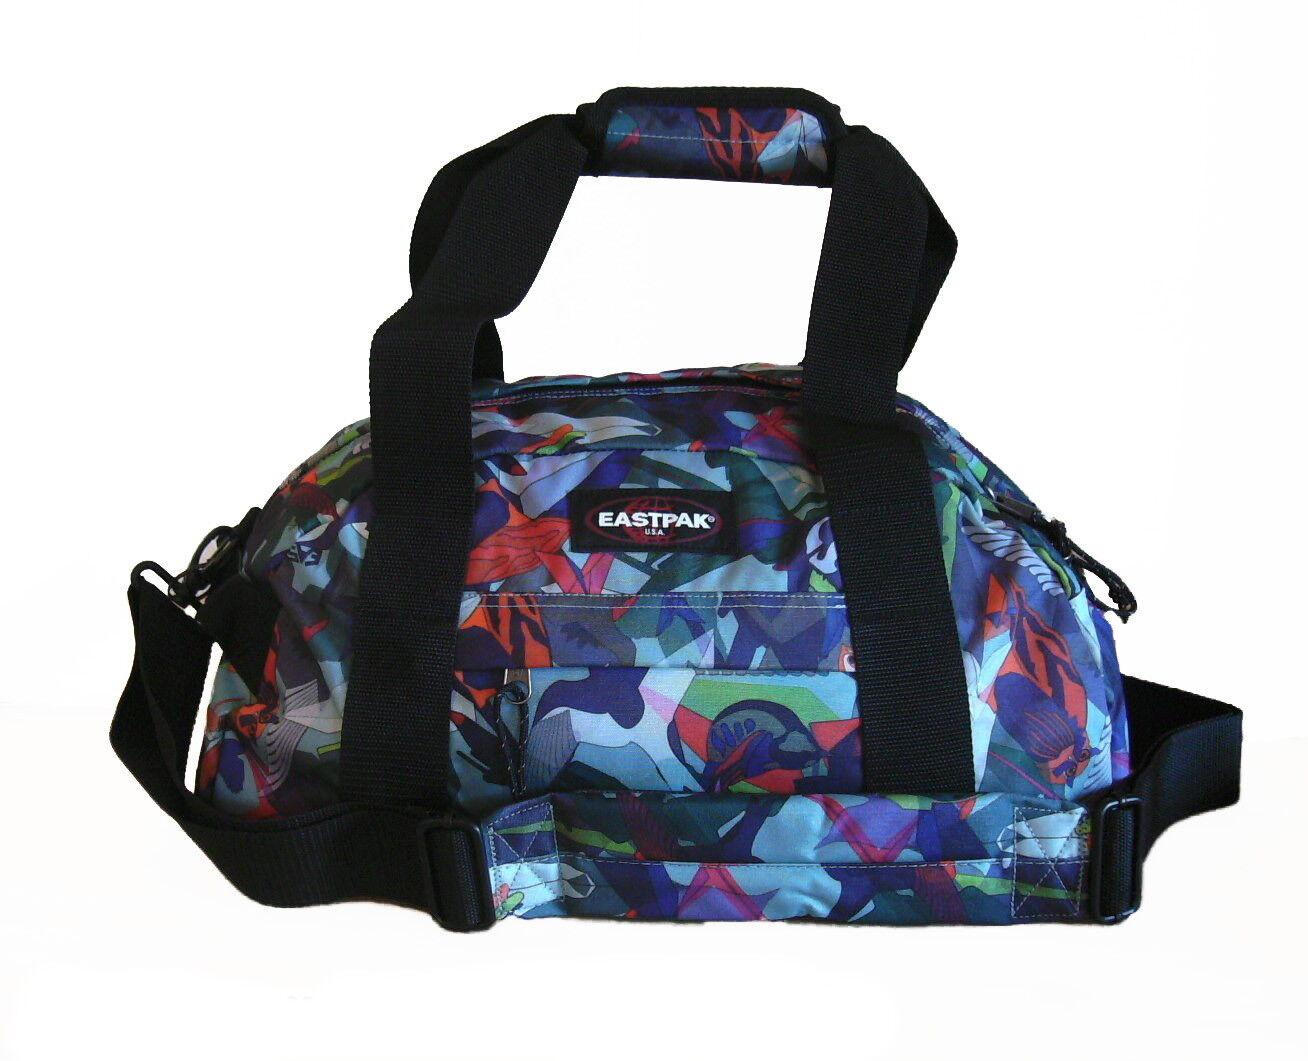 Eastpak compact compact compact Fußballsporttasche Sporttasche für die Schule sports bag 695412